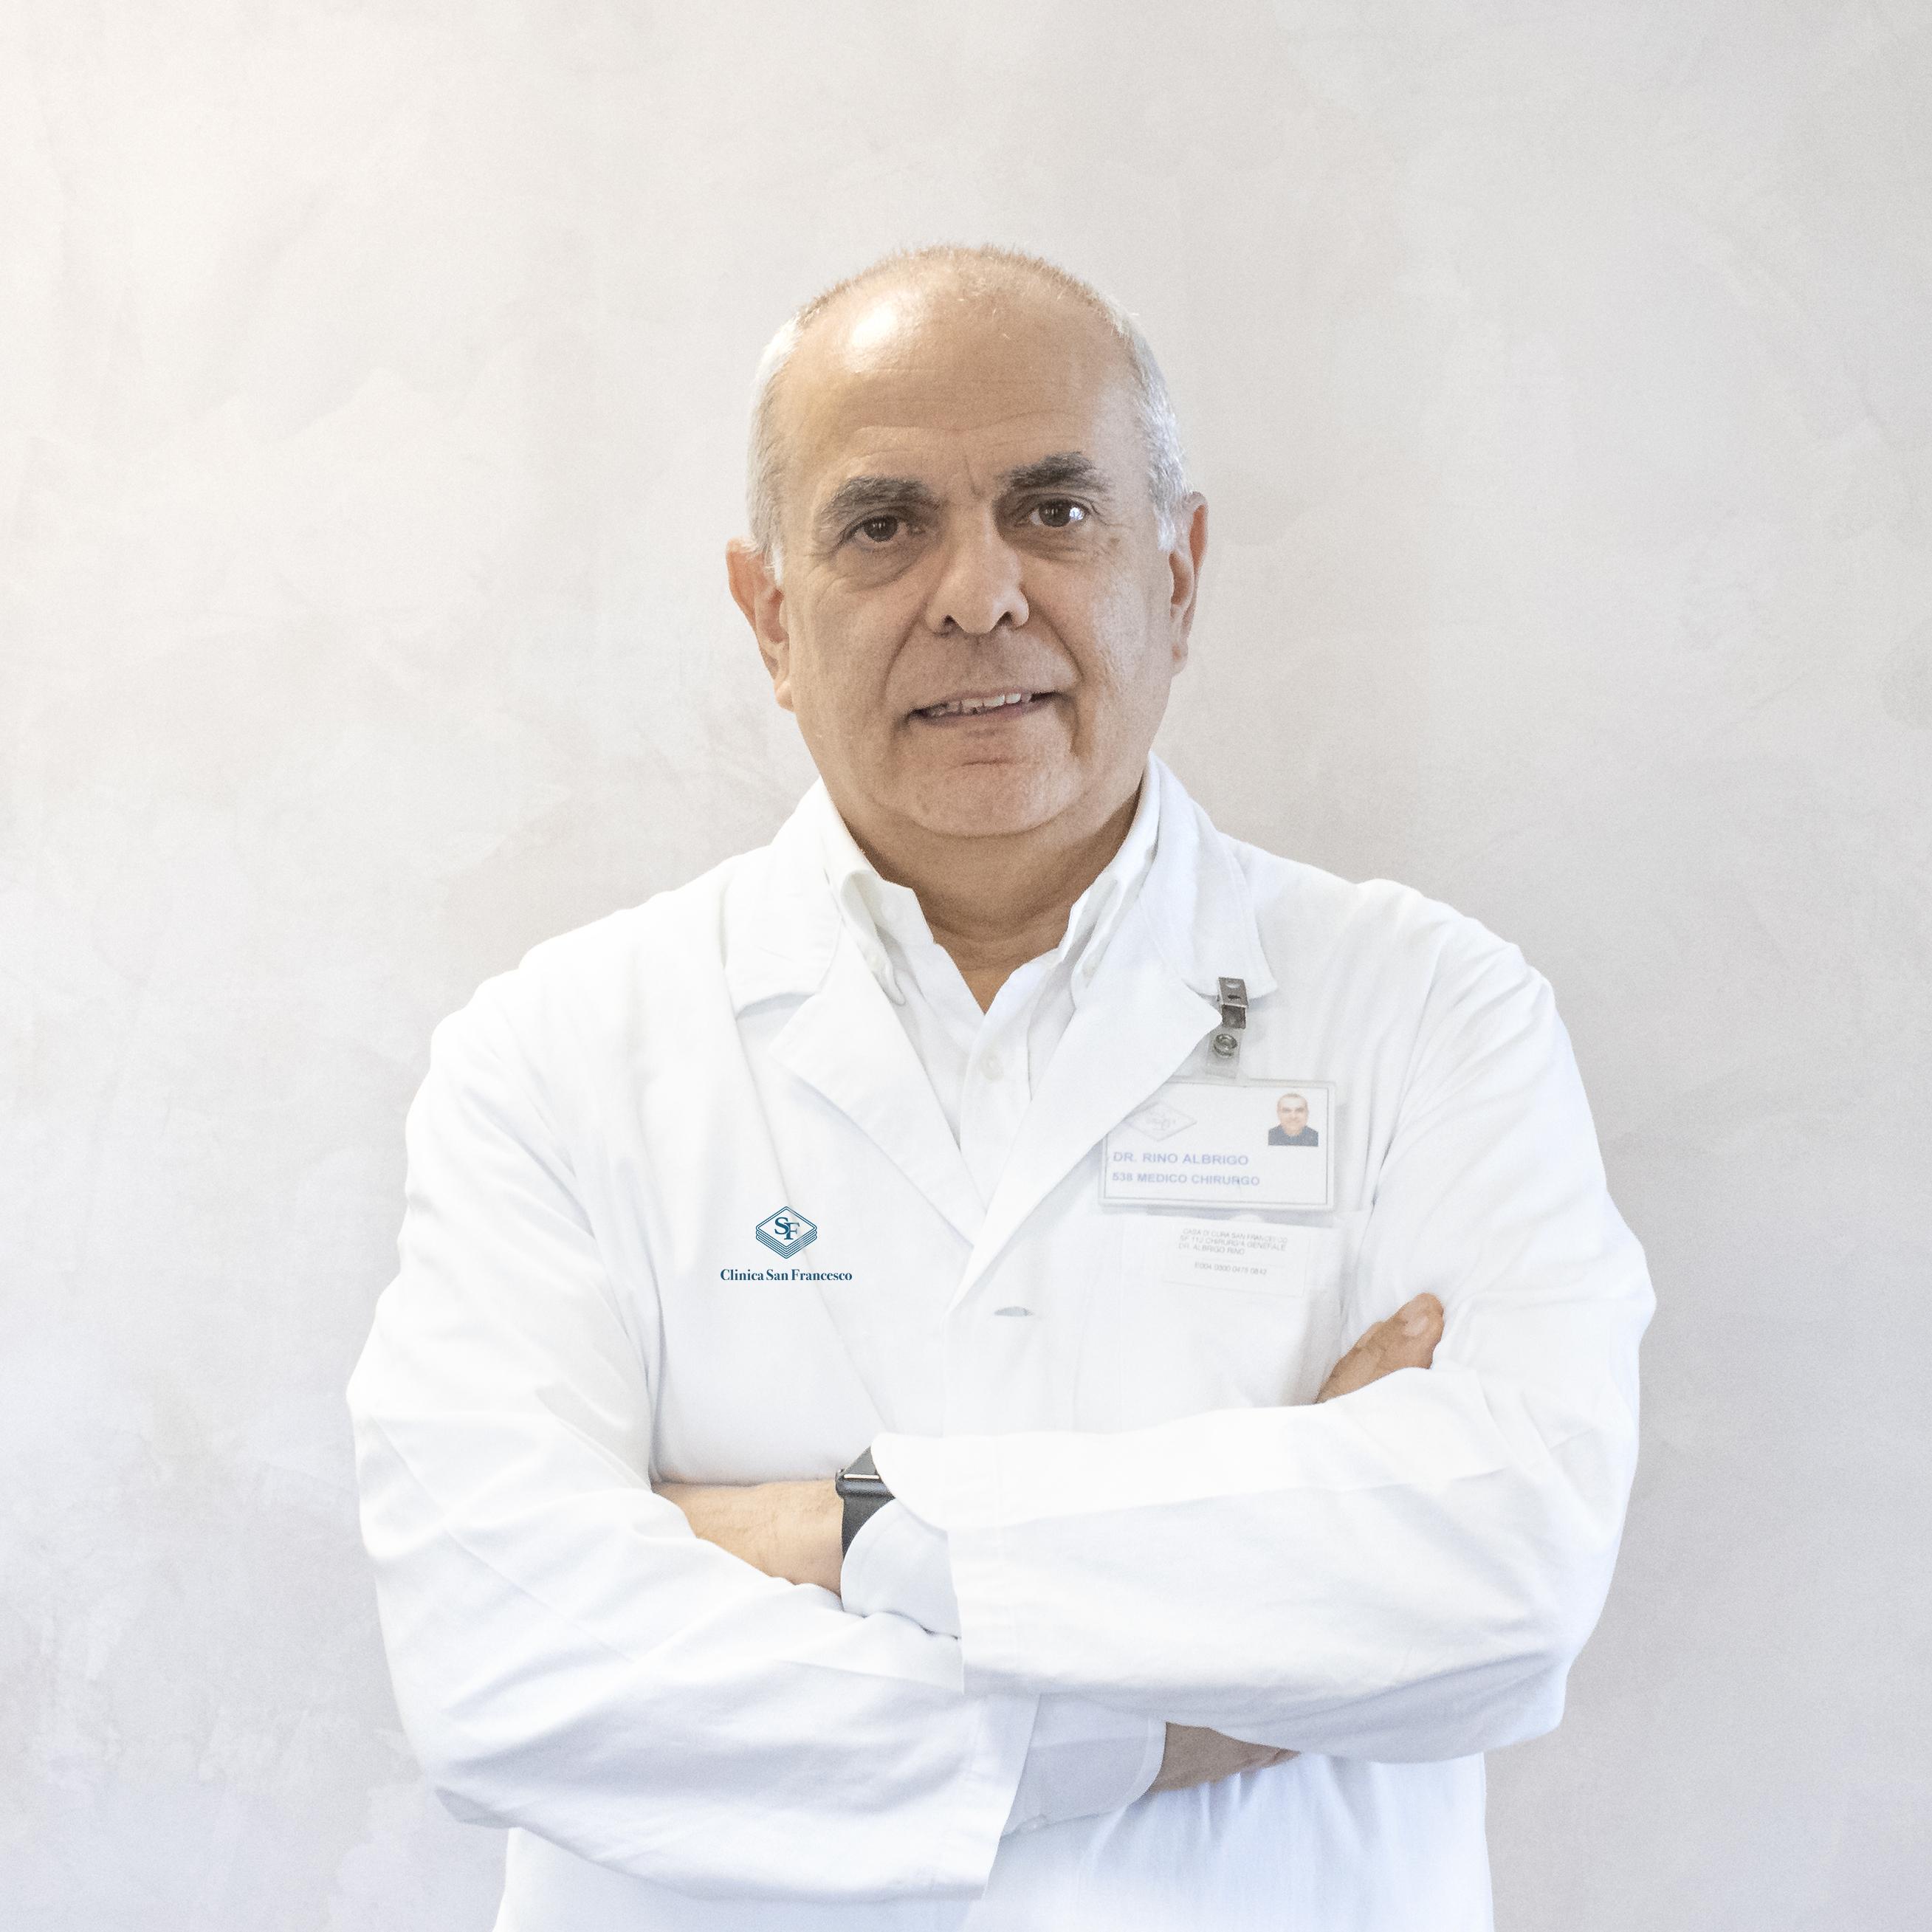 Albrigo Rino